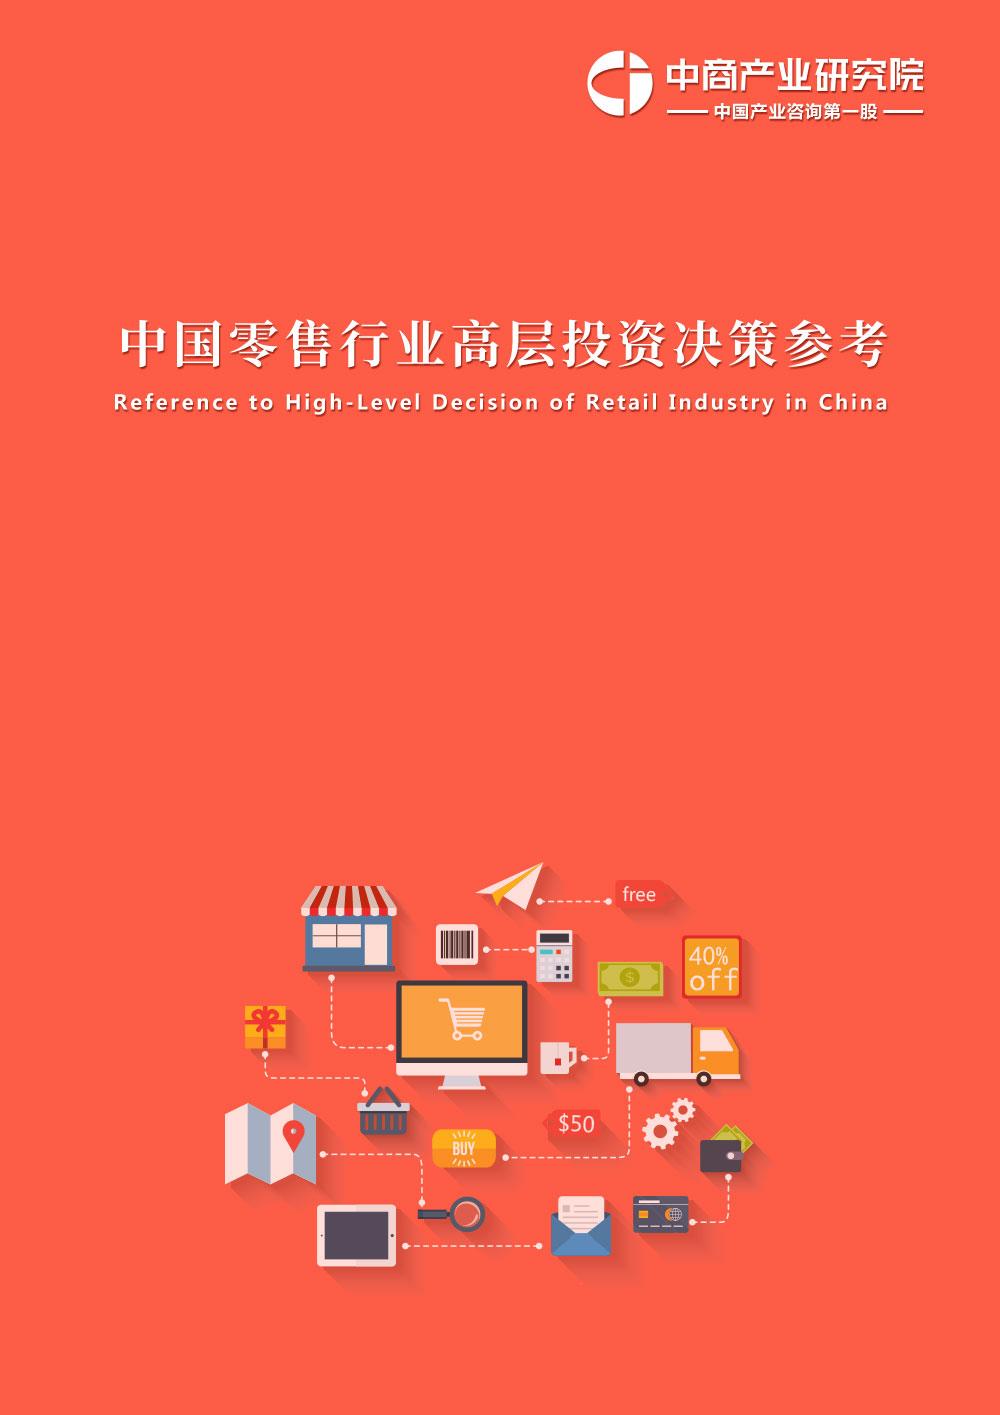 中国零售消费行业投资决策参考(2020年11月)